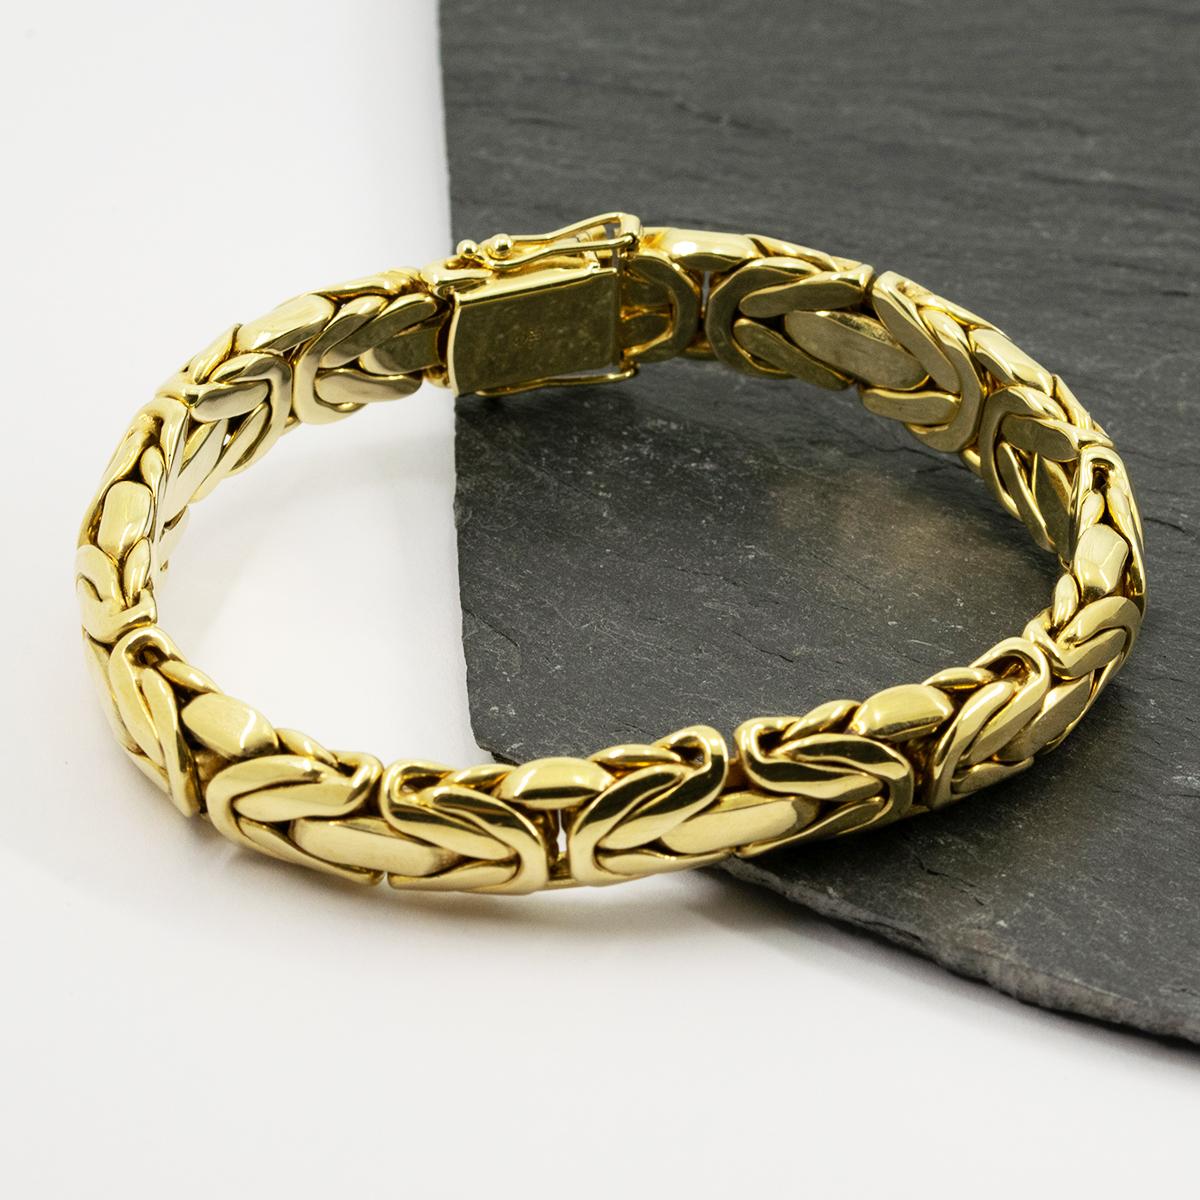 Herrenschmuck aus Gold | gebraucht online kaufen | Schmuckkontor